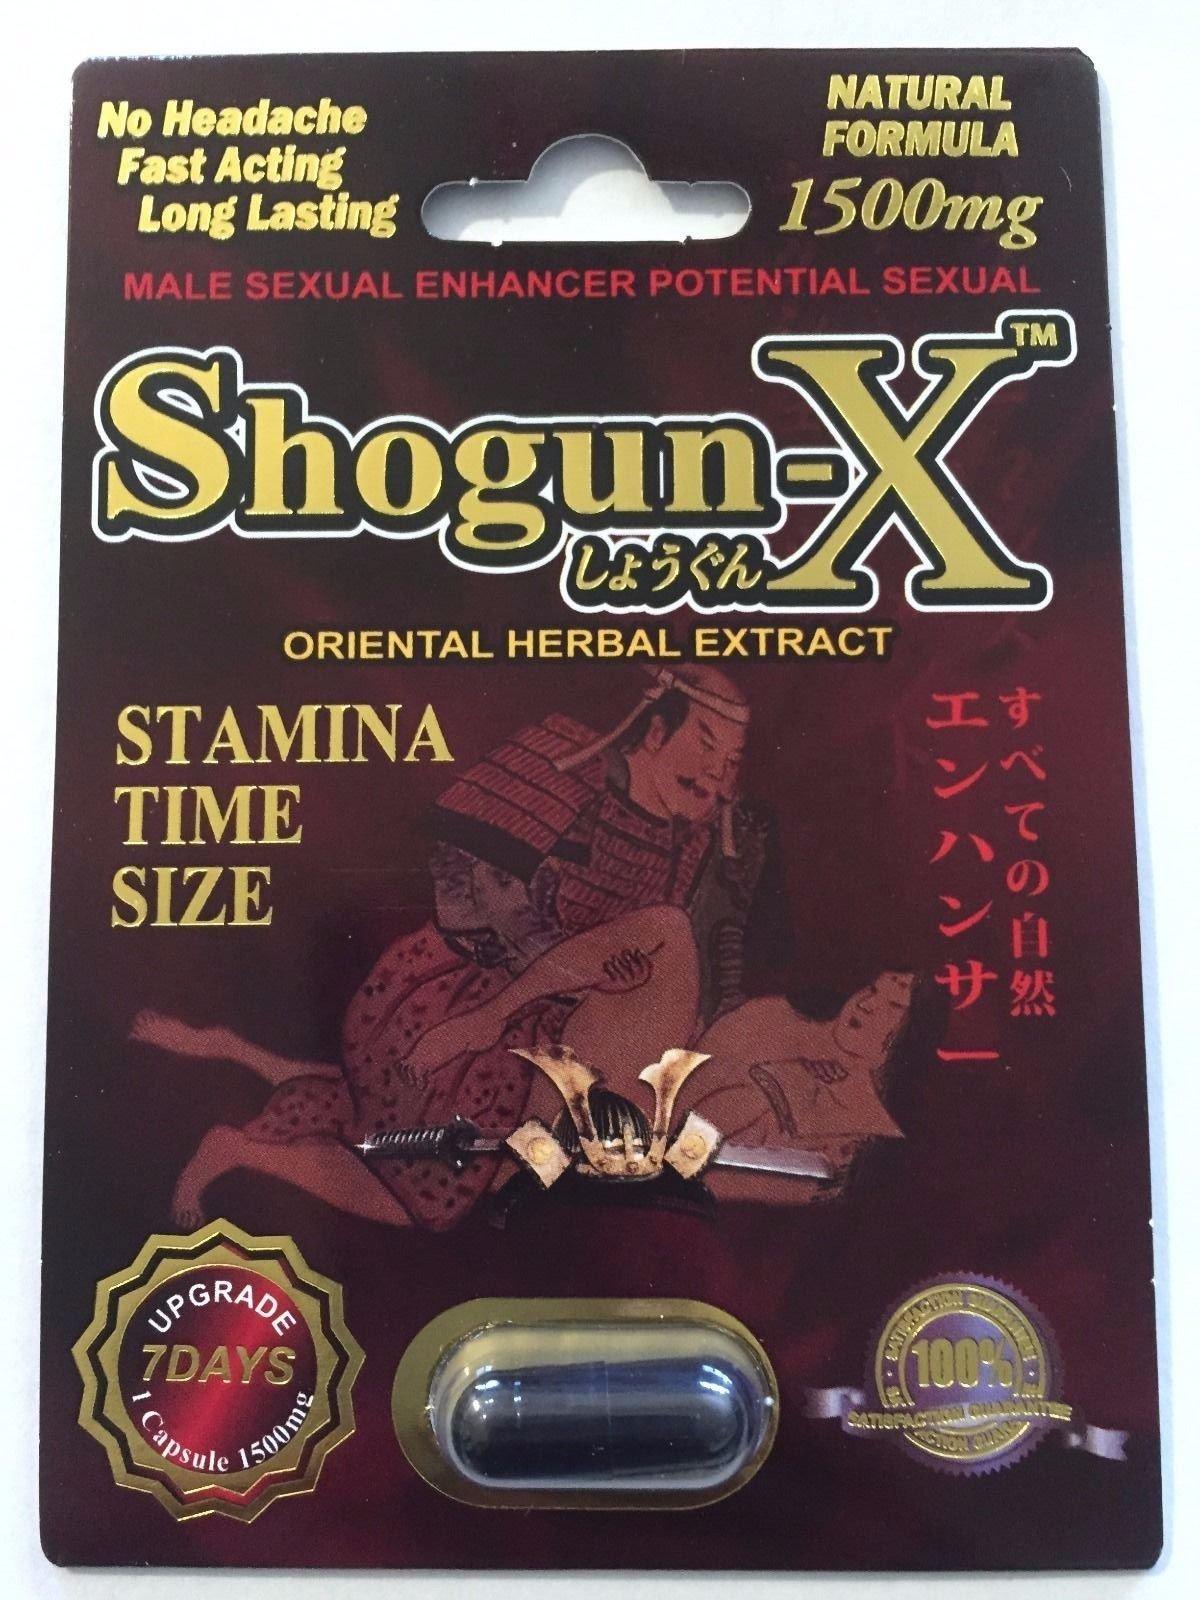 Shogun-x Premium Male Sexual Performance Enhancer (6)